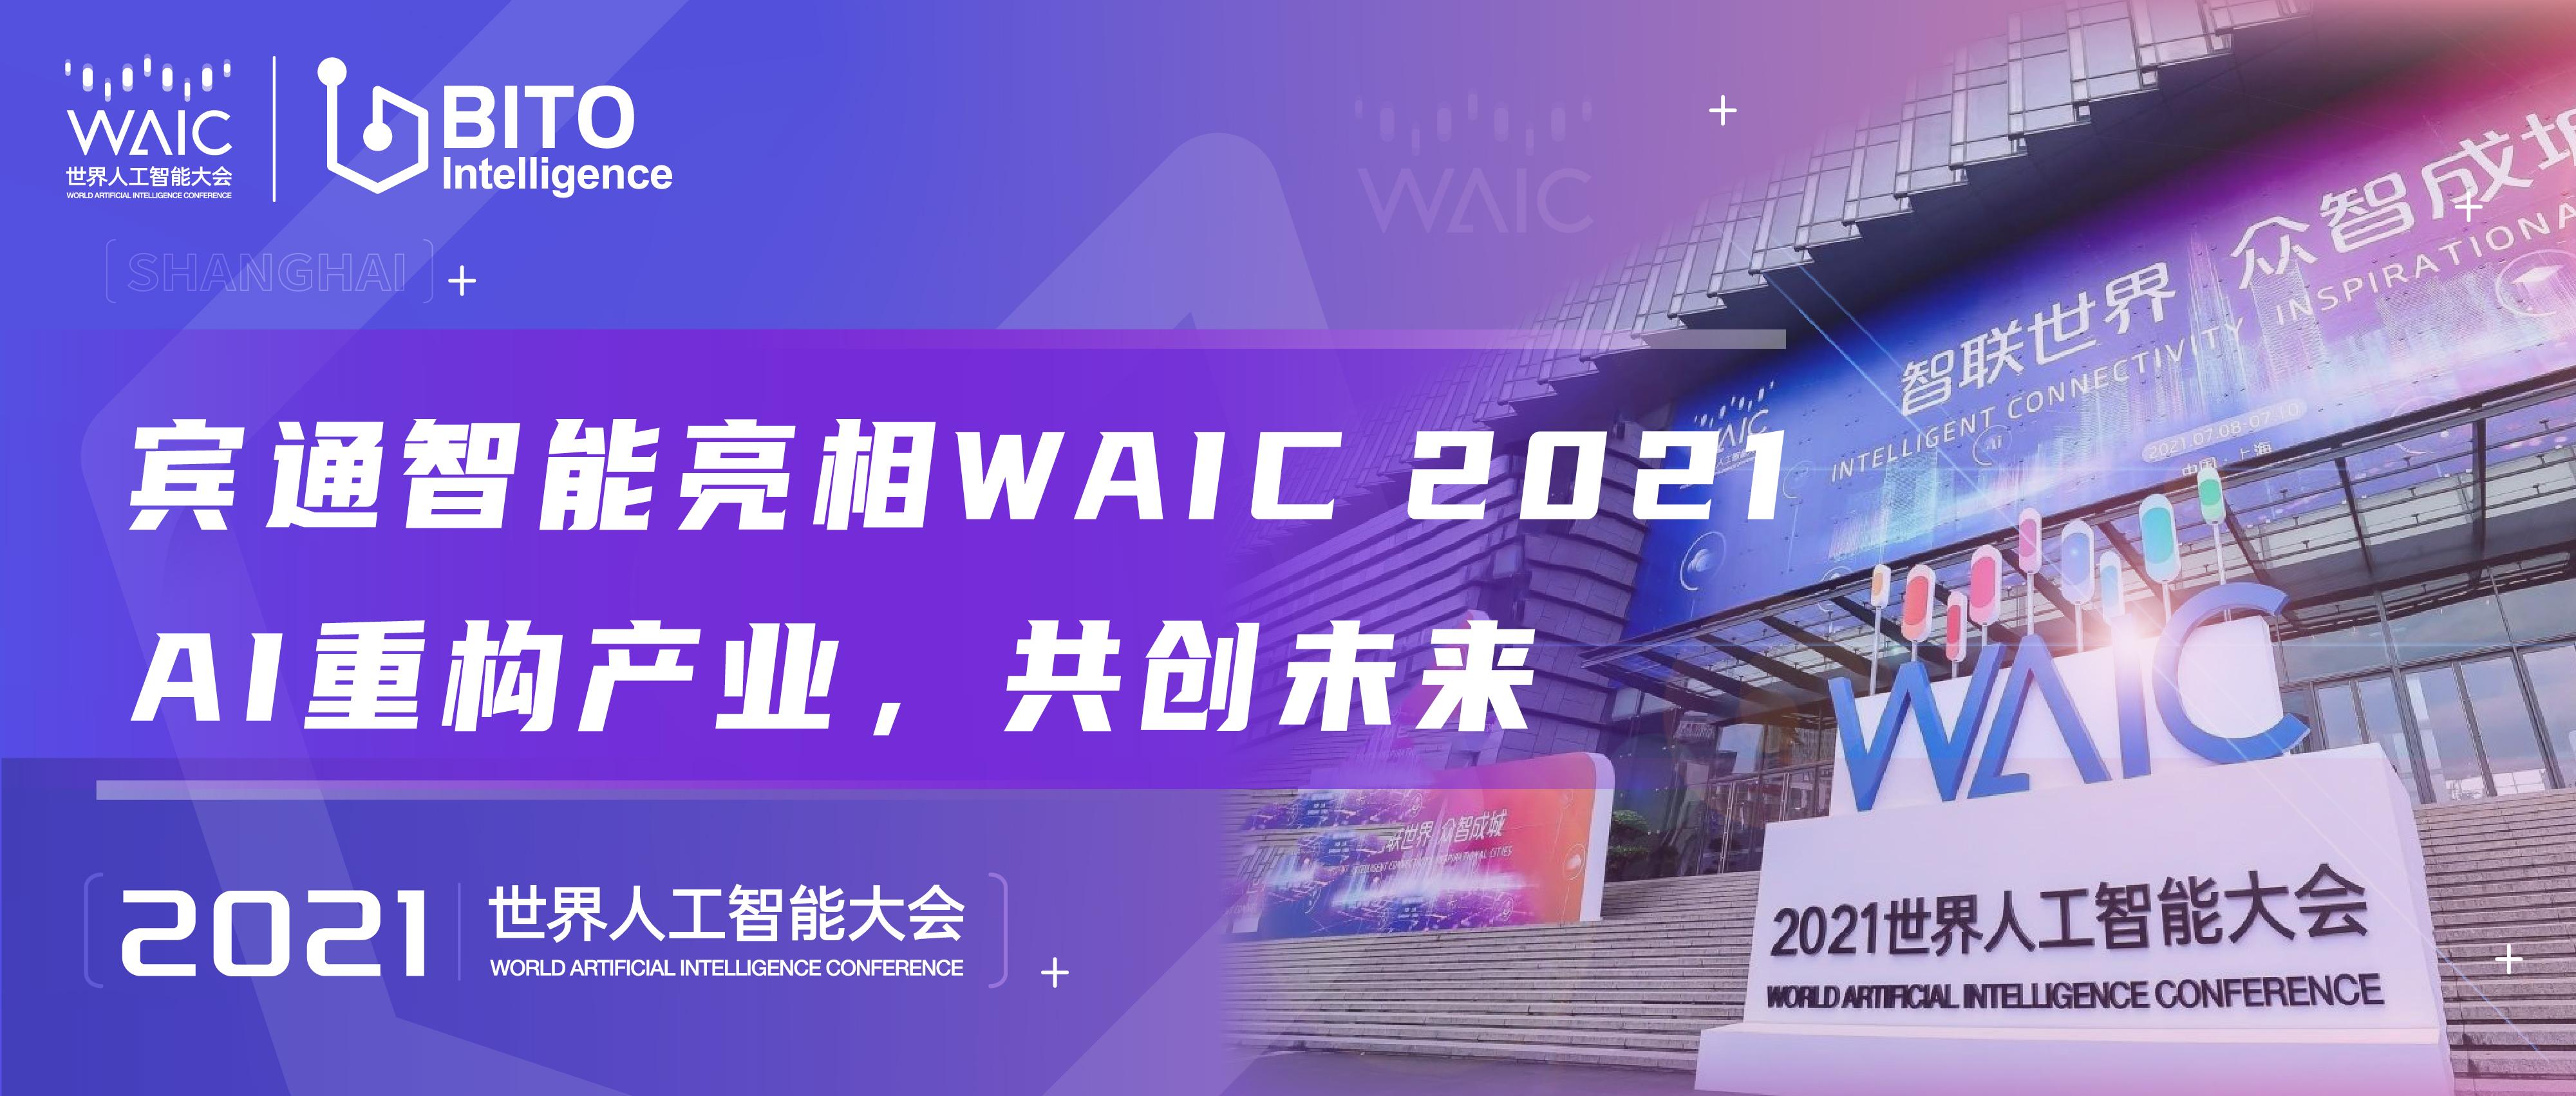 宾通智能亮相WAIC 2021,AI重构产业,共创未来